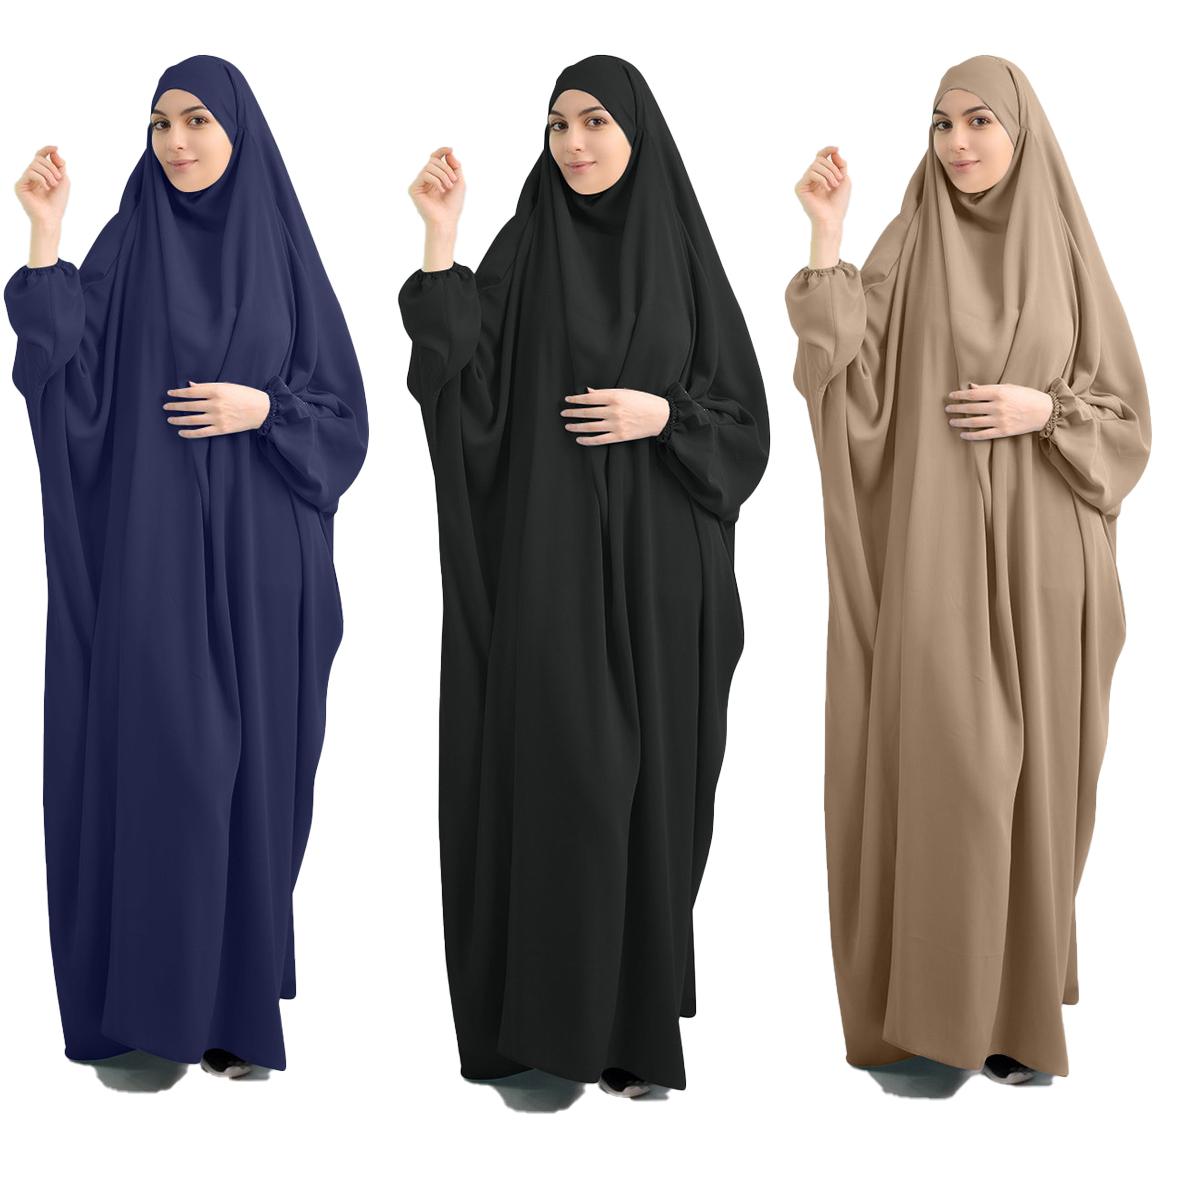 ИД с капюшоном мусульманское женское платье хиджаб молитвенная одежда цзилбаб абайя длинная химар полное покрытие Рамадан платье Abayas исламская одежда Niqab